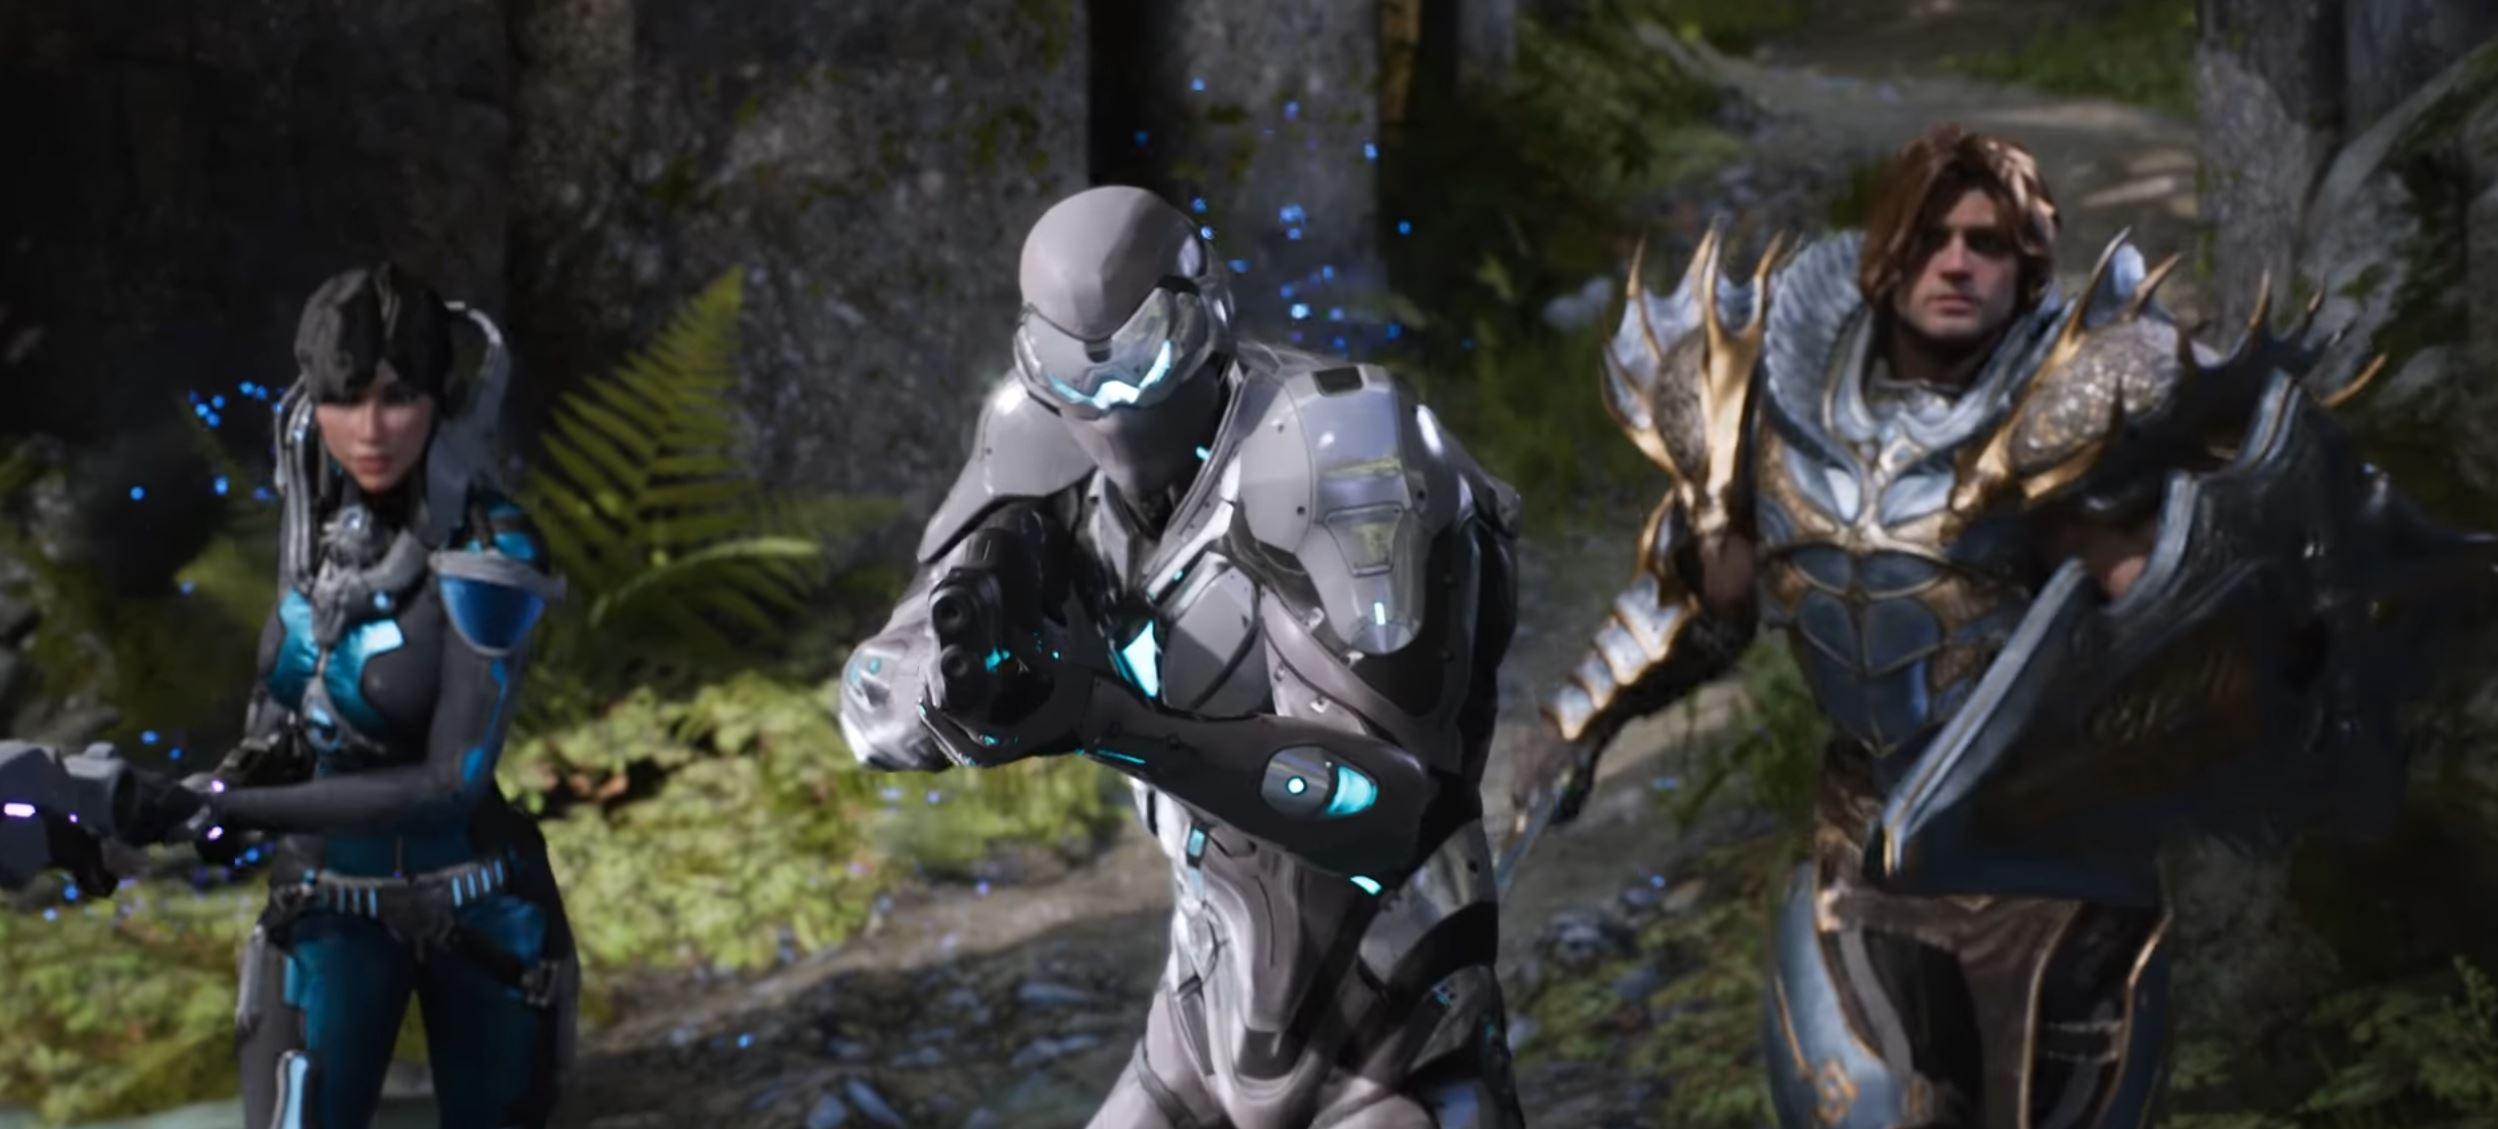 paragon wraith surprise